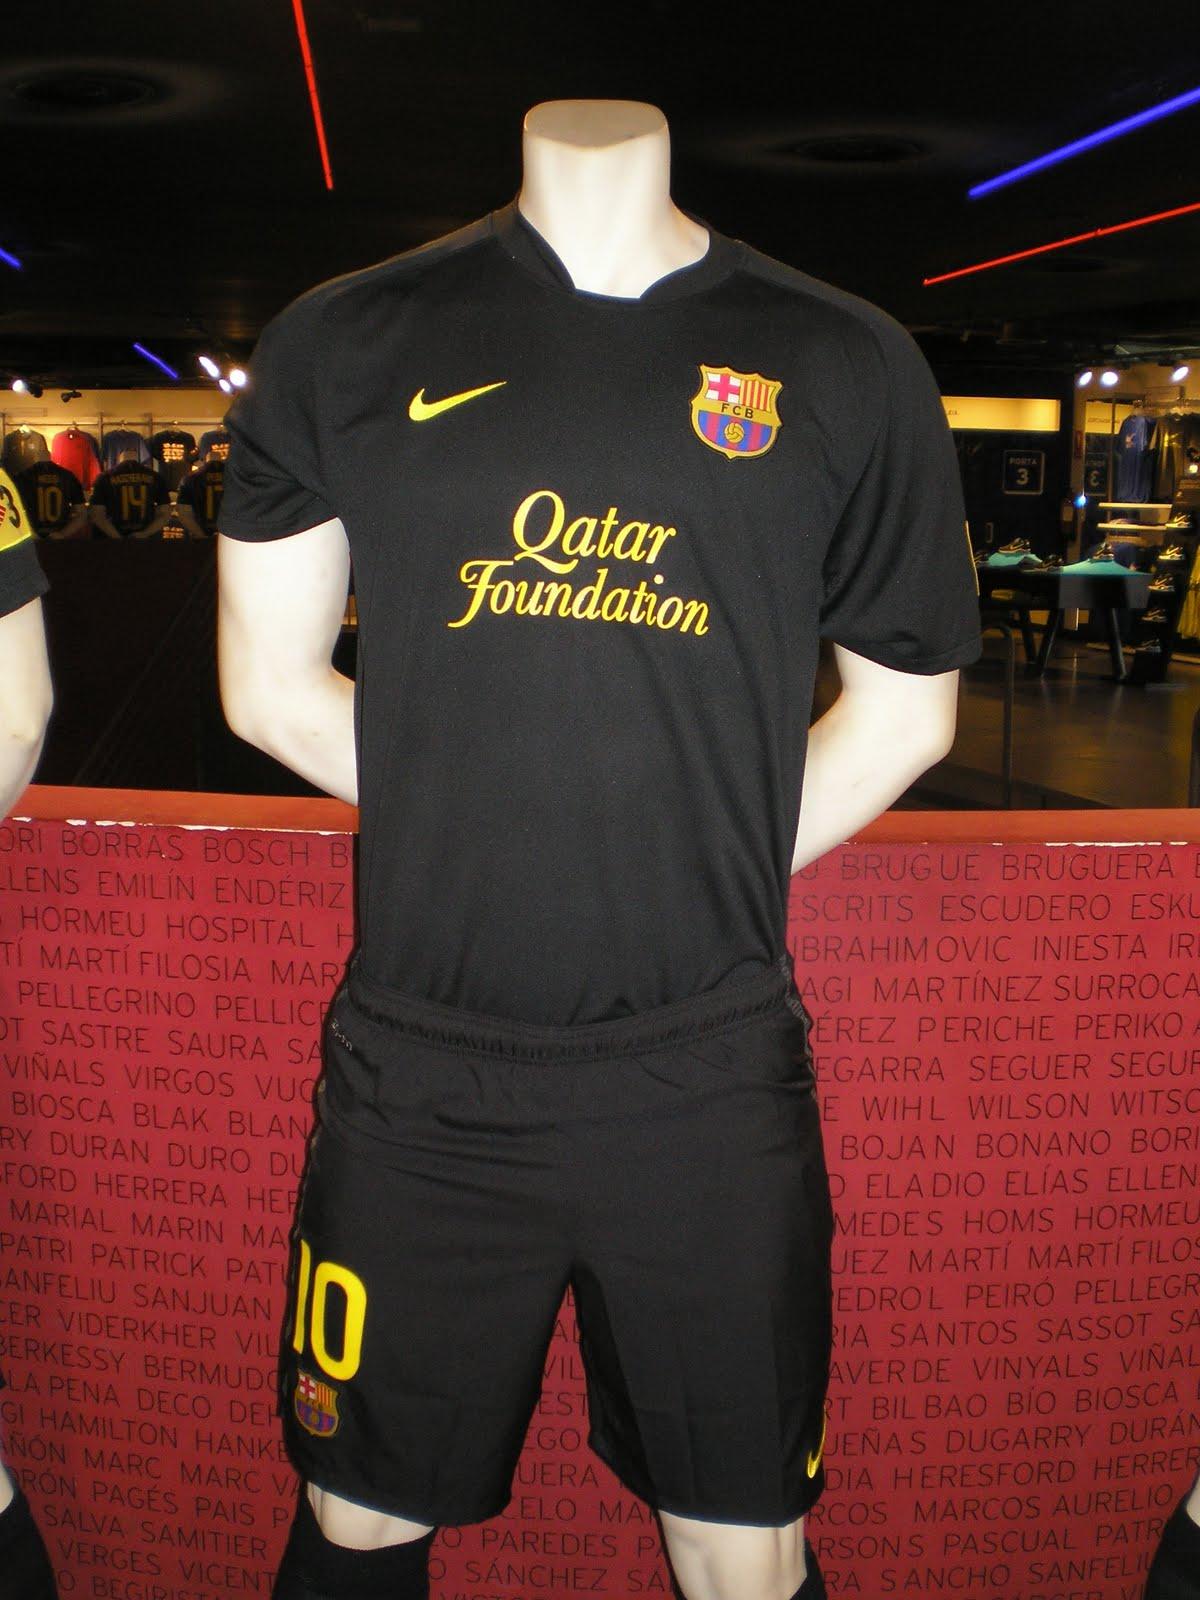 da6f1783c0 Tenemos un nombre  La equipación oficial del F.C. Barcelona para la ...